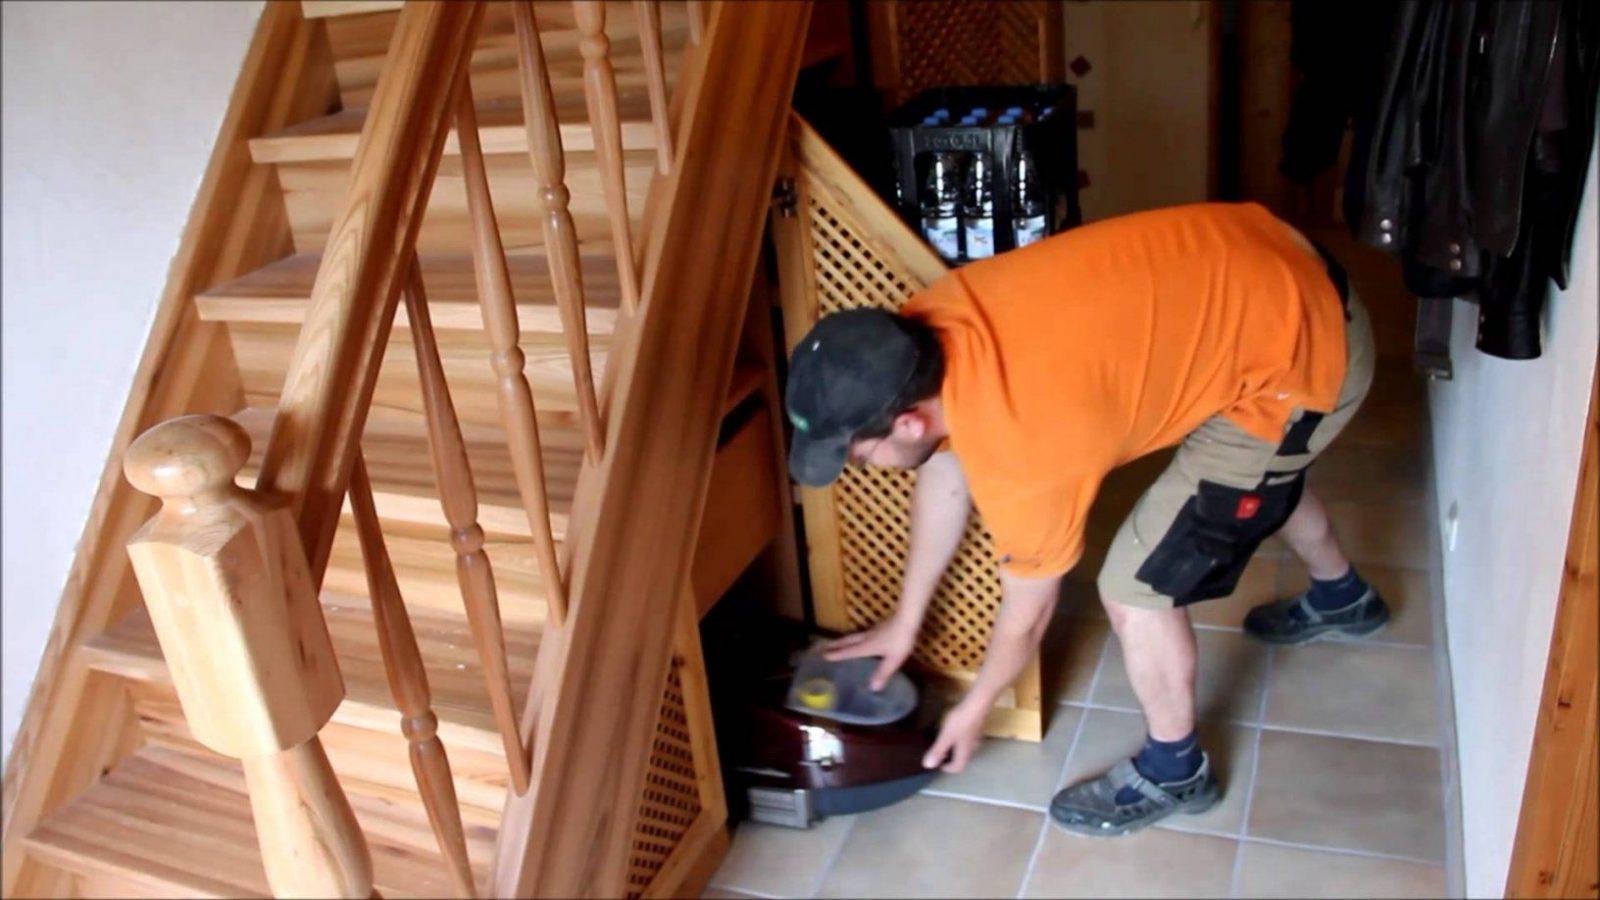 Einbauschrank Unter Treppe  Wwwschreinereiaumueller  Youtube von Schrank Unter Treppe Bauanleitung Photo